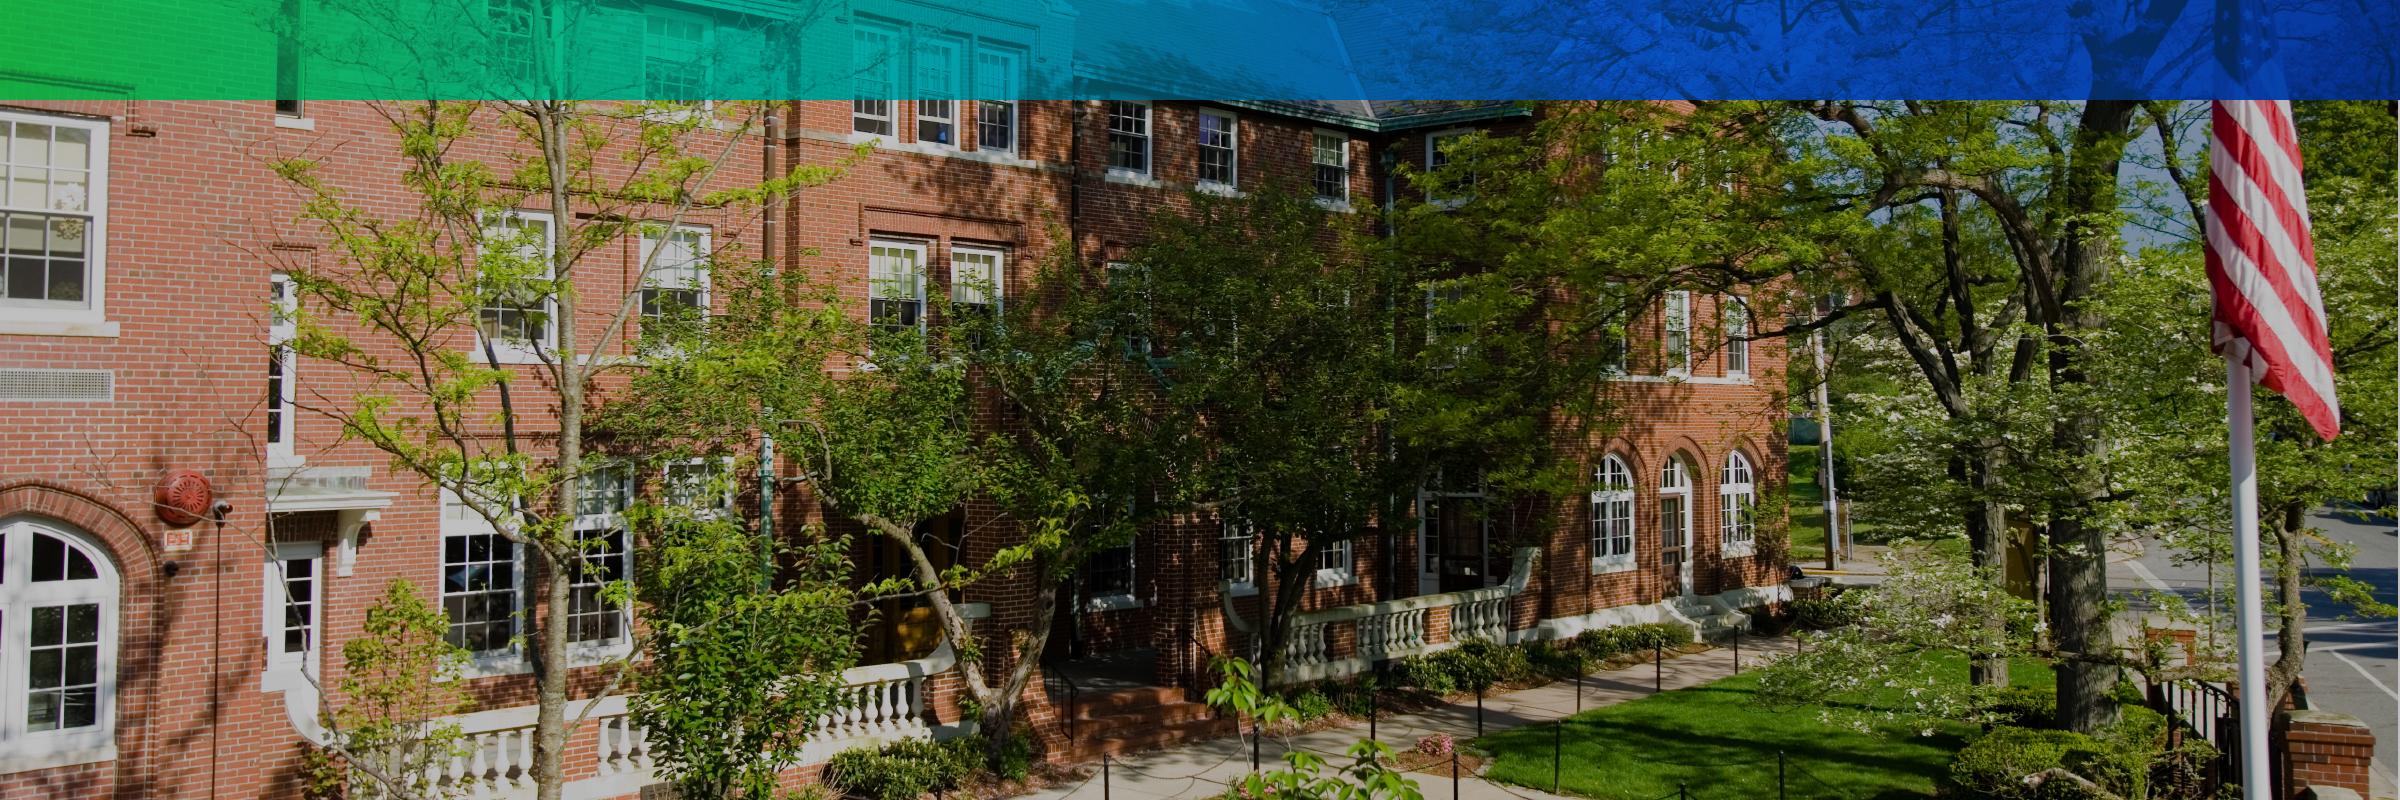 Campus -